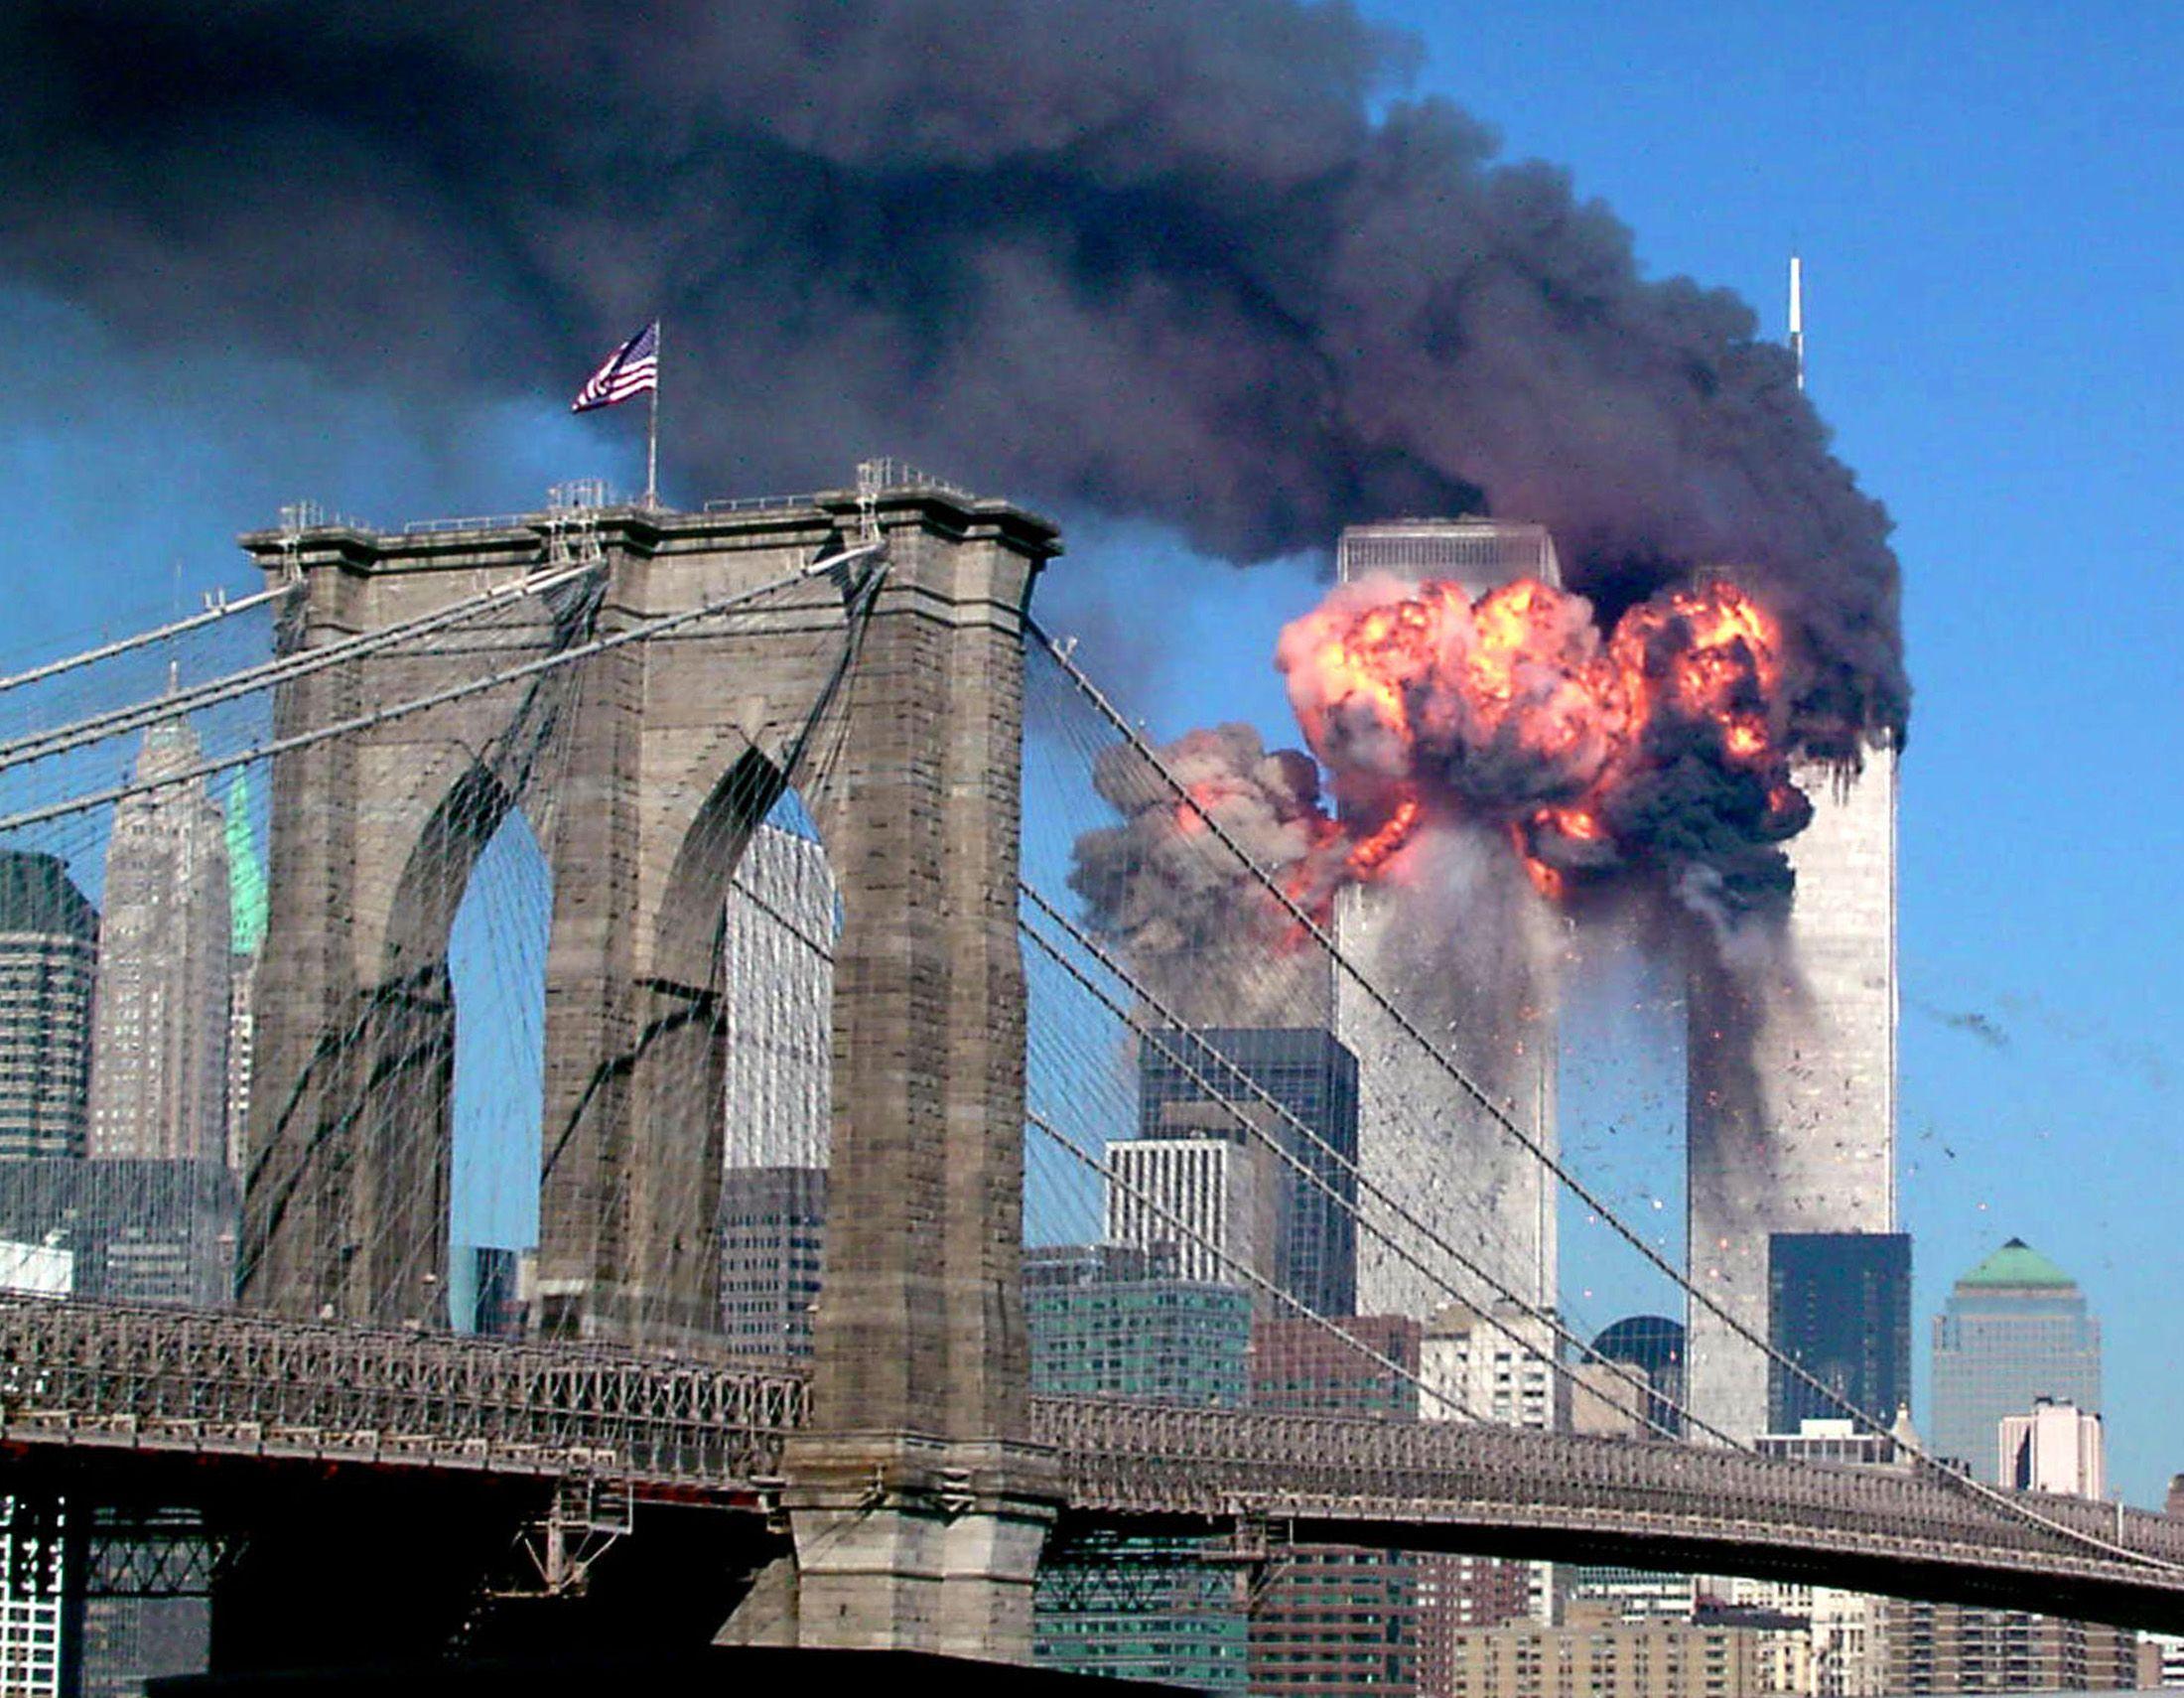 L'administration Obama doit décider au mois de juin si les 28 pages classifiées concernant l'Arabie Saoudite dans le rapport rédigé par le Congrès américain au lendemain des attentats du 11 septembre 2001 doivent être rendues publiques.